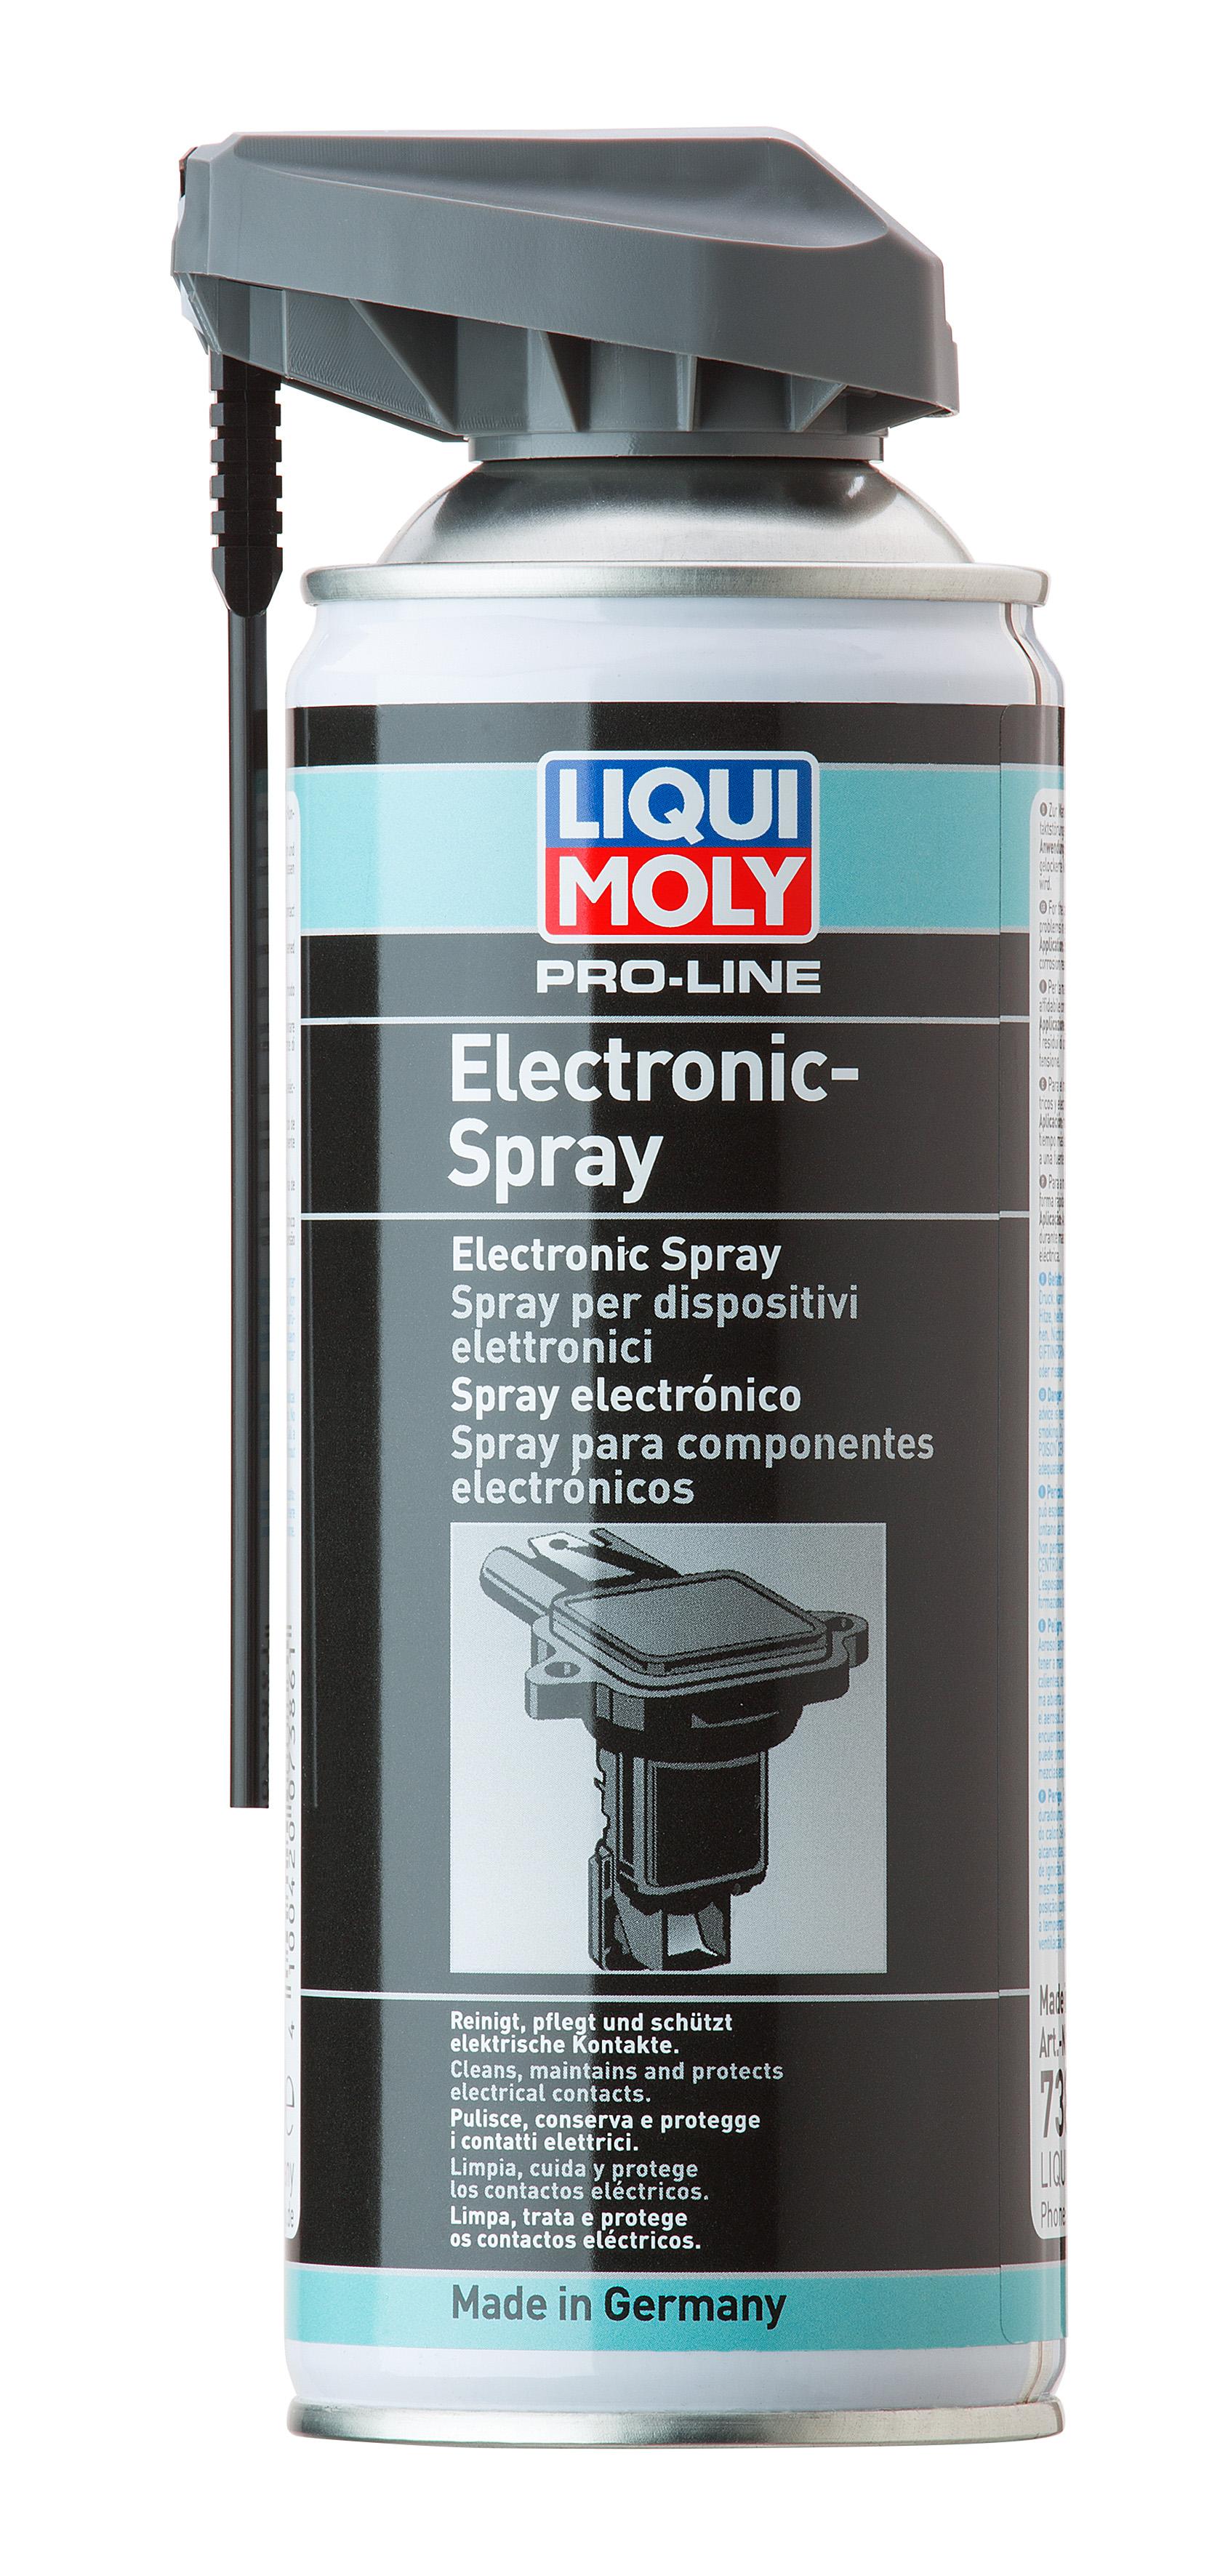 Спрей для электропроводки Pro-Line Electronic-Spray